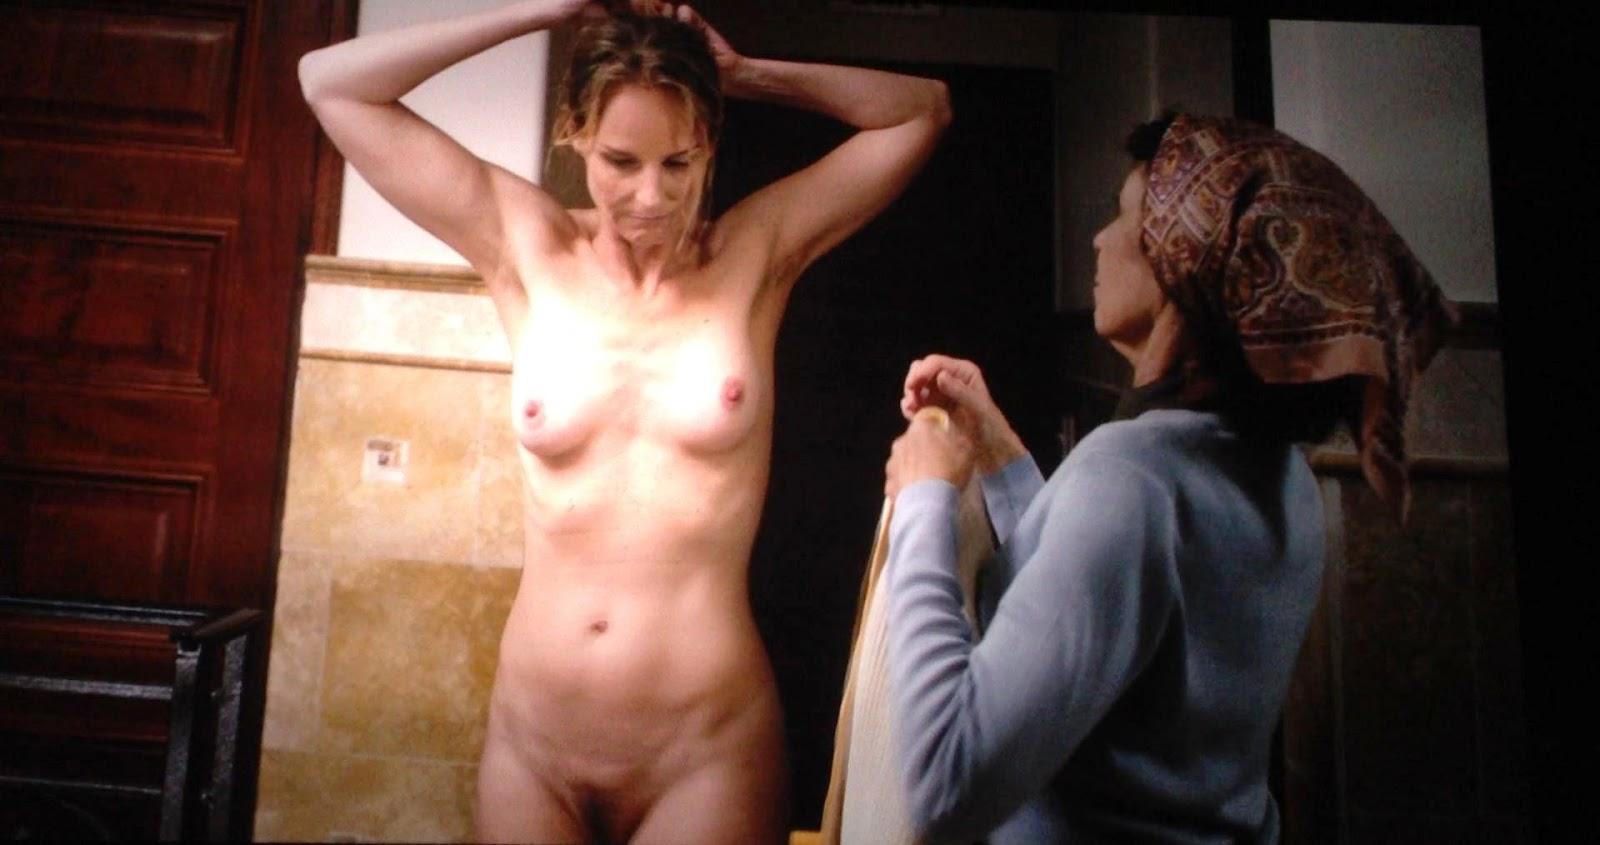 жизненный фильм про голых женщин